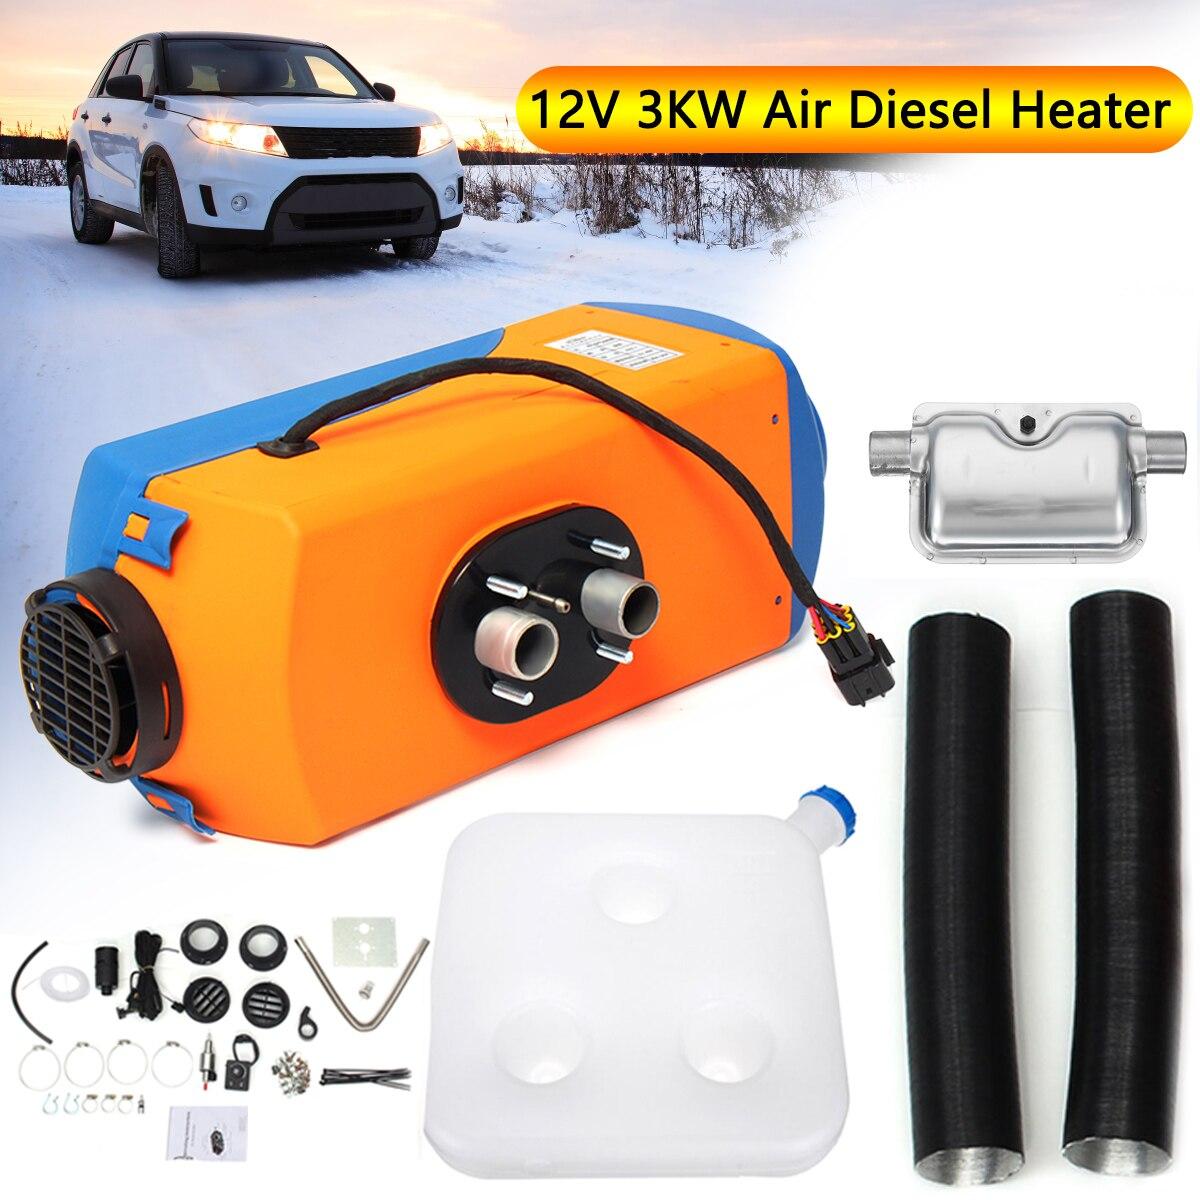 KROAK автомобильный обогреватель 12 В в 3 кВт парковочный обогреватель Air ELS обогреватель с поворотным переключателем + глушитель для Motorhome RV гру